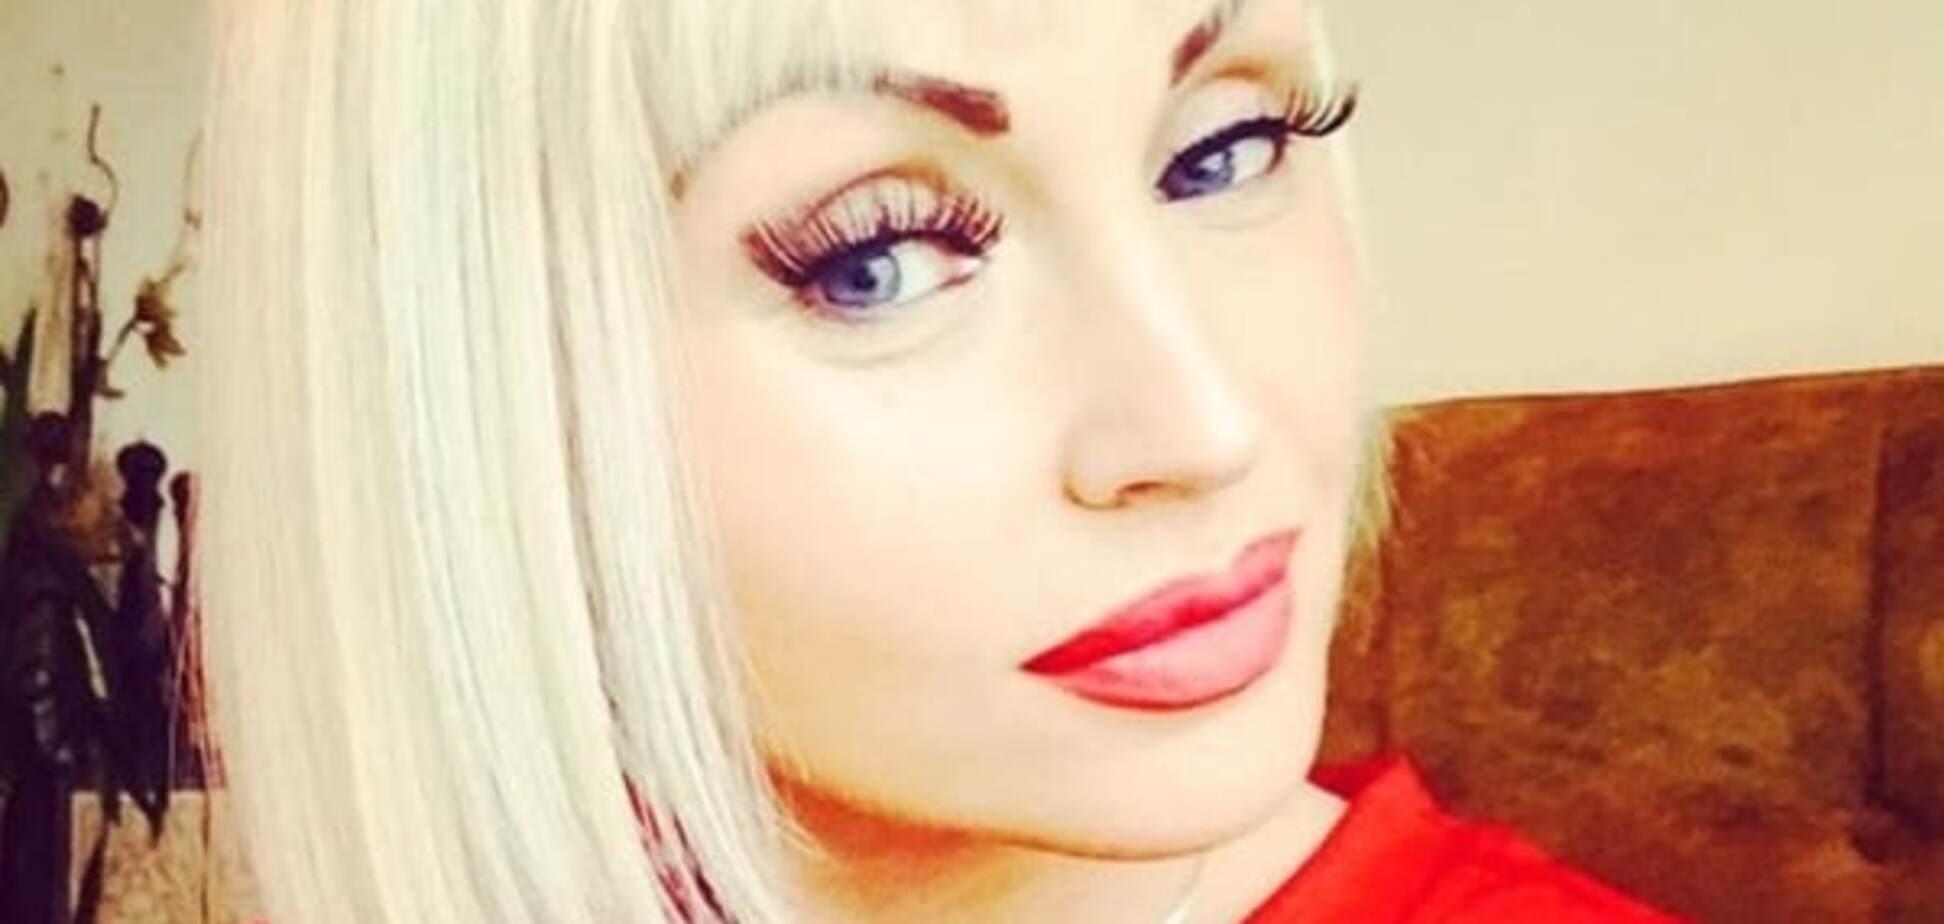 Коуб про івано-франківську блондинку на лабутенах під пісню 'Ленінграда' 'порвав' мережу